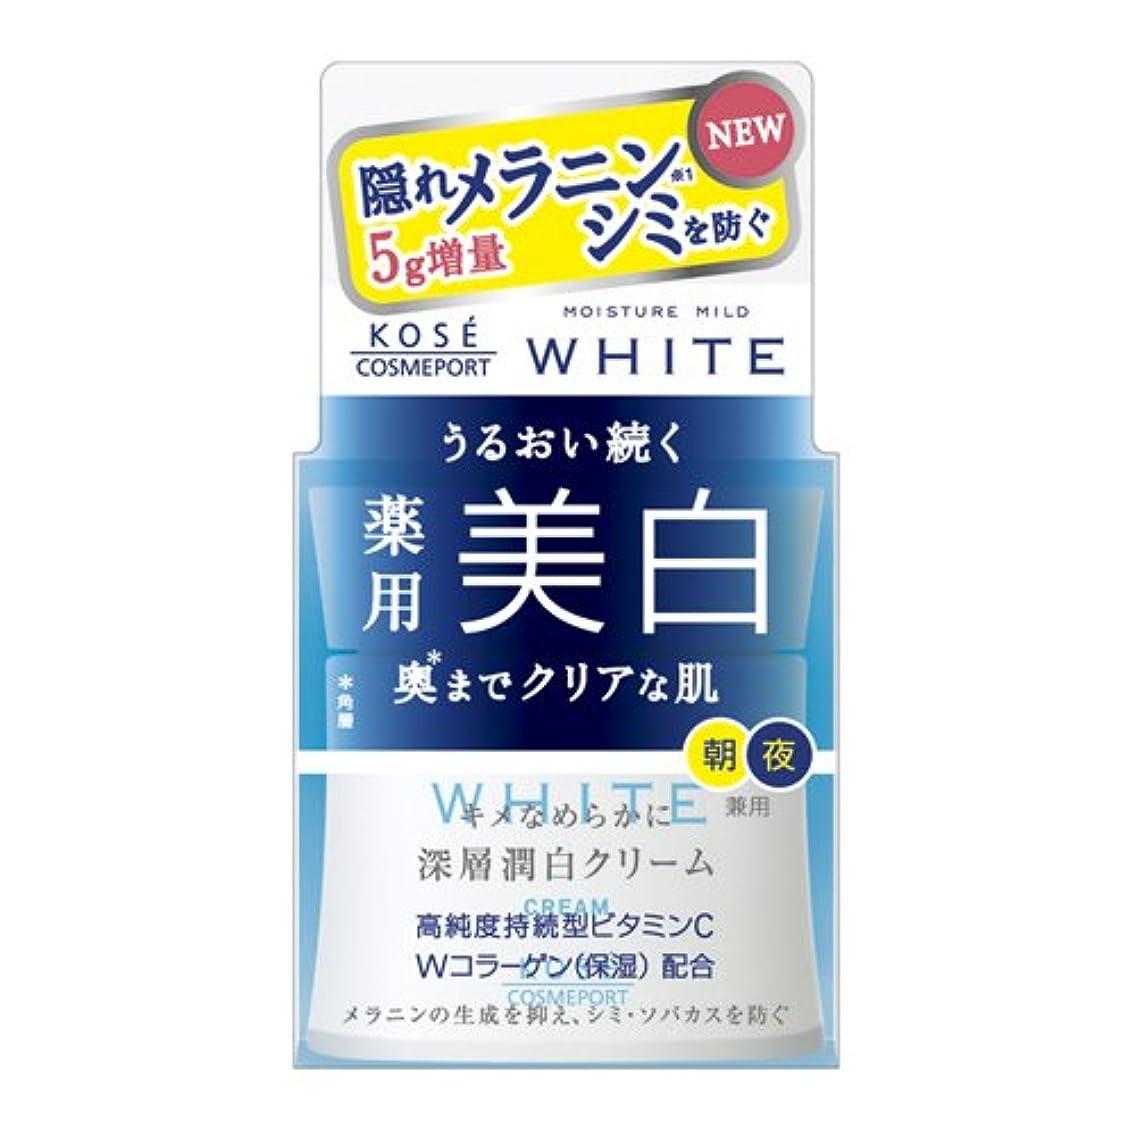 ドナー幹習字KOSE コーセー モイスチュアマイルド ホワイト クリーム 55g